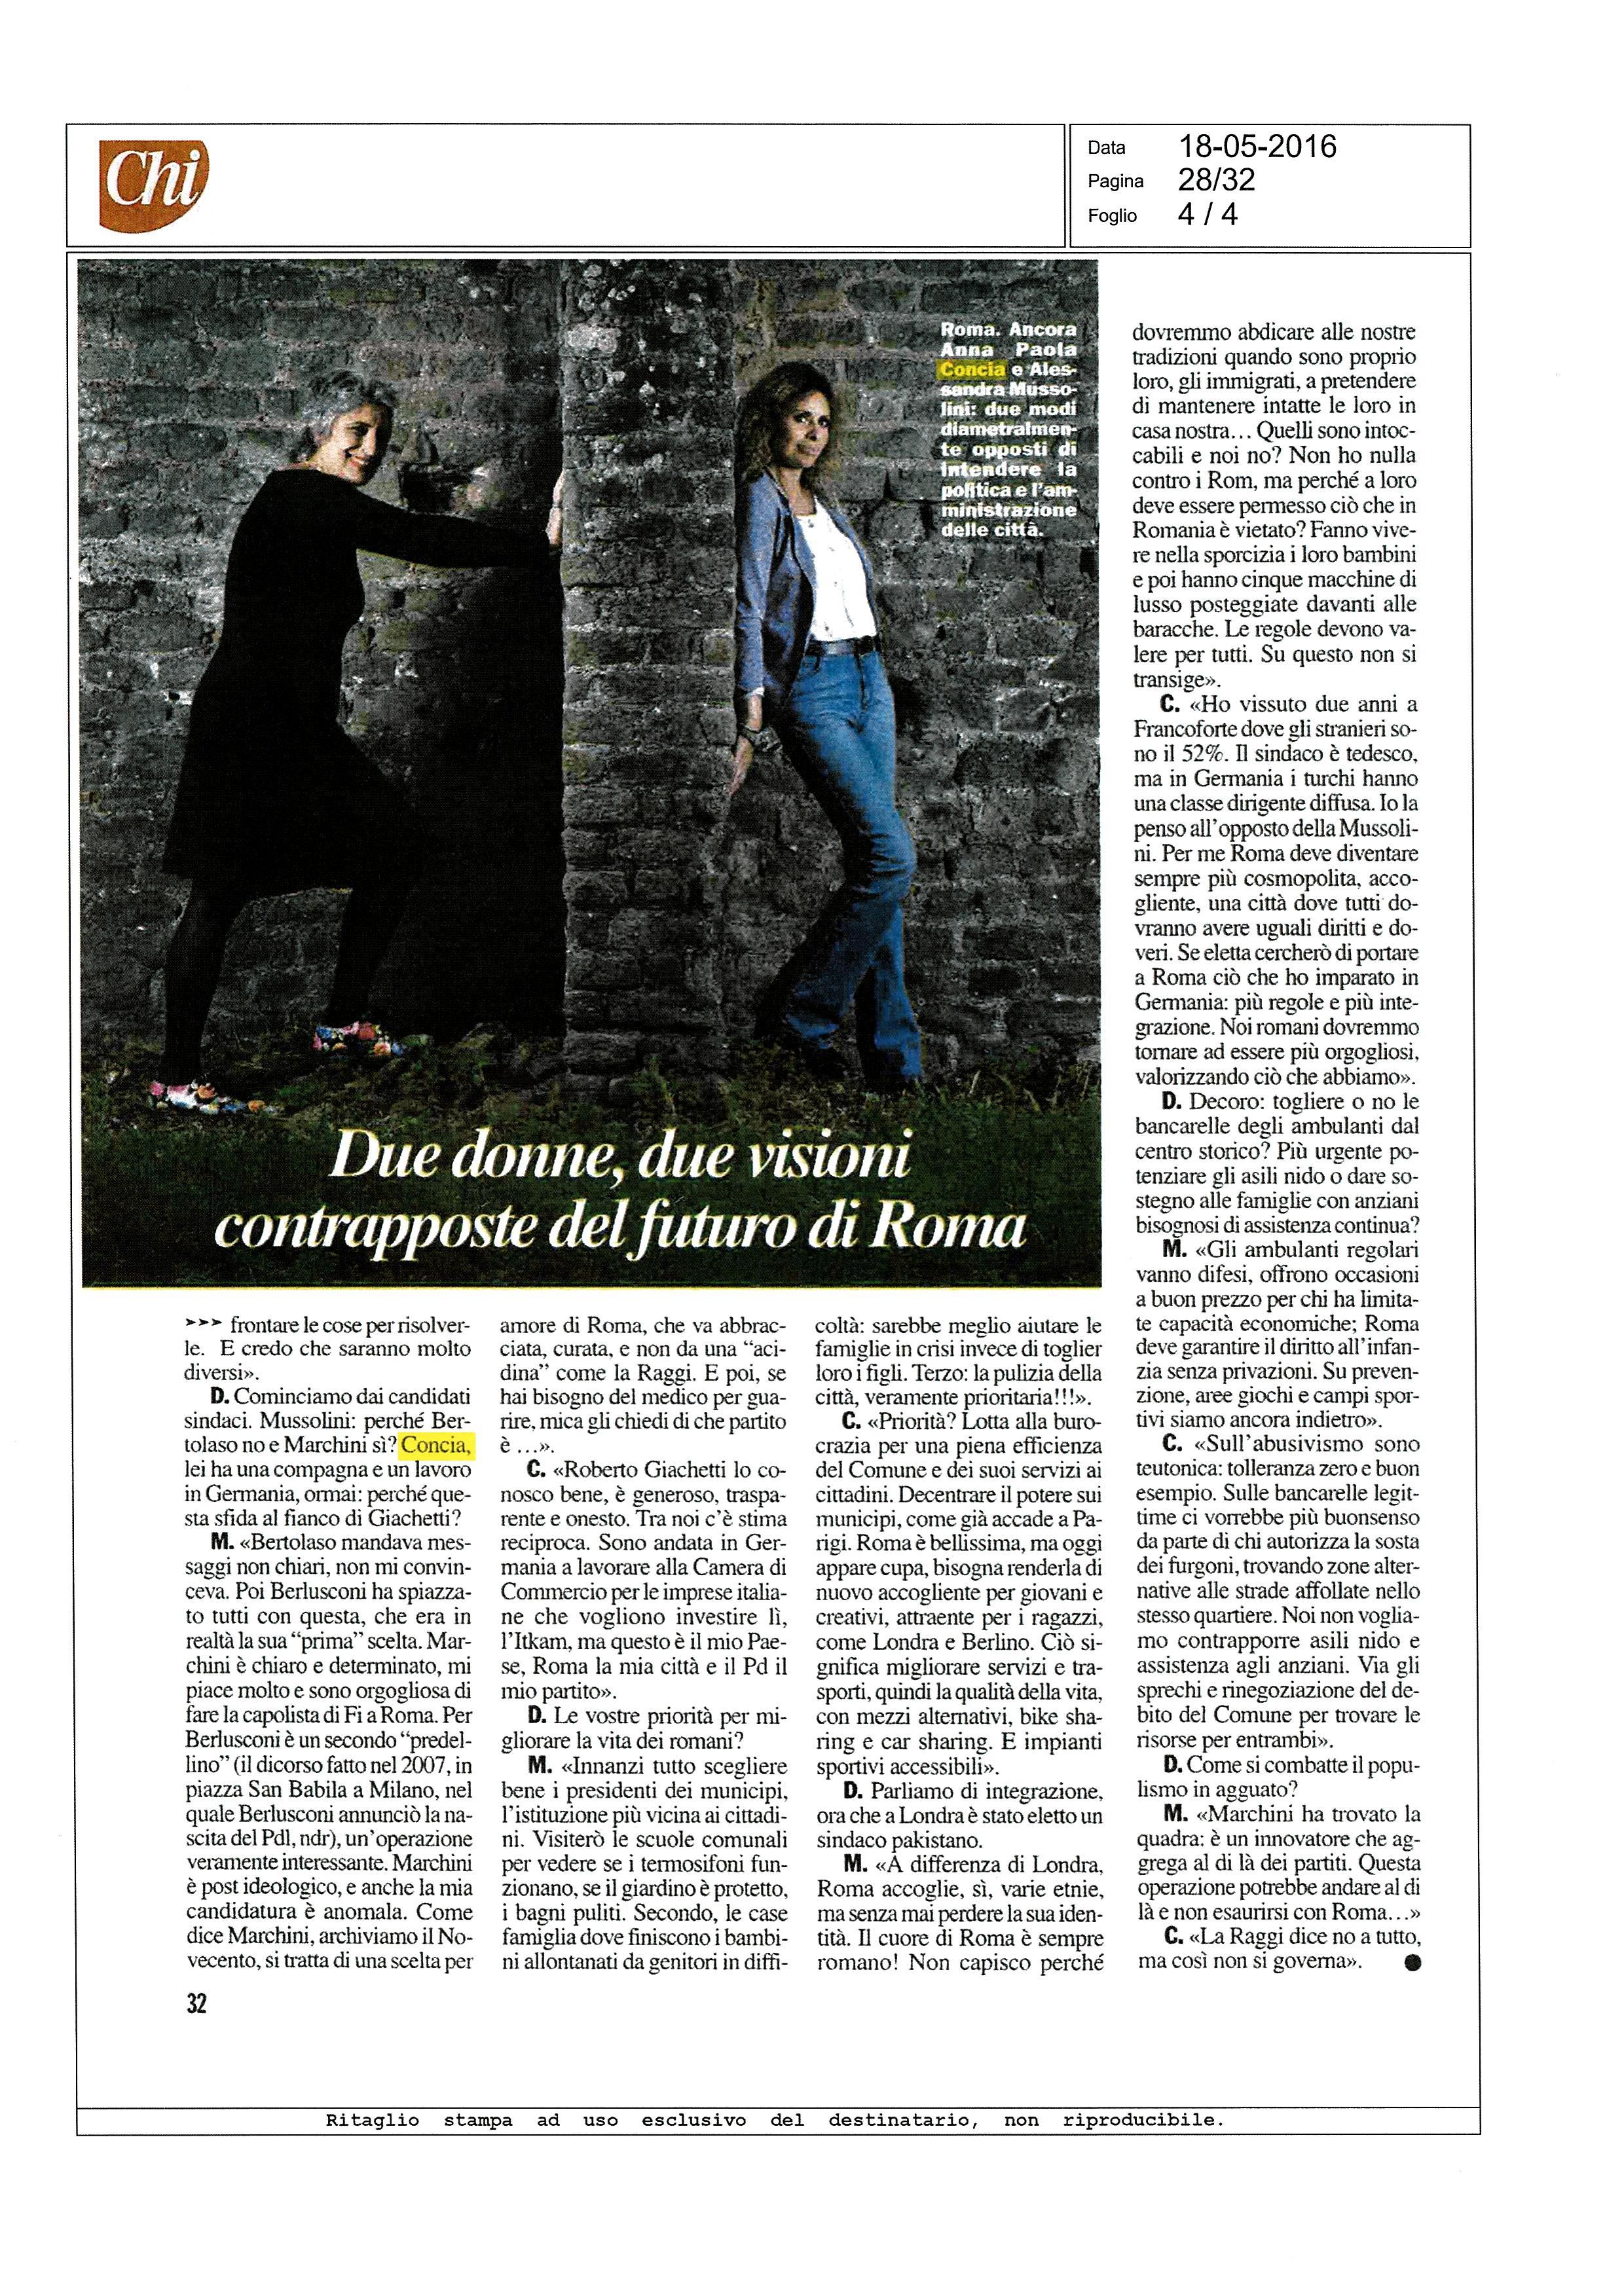 Intervista 4